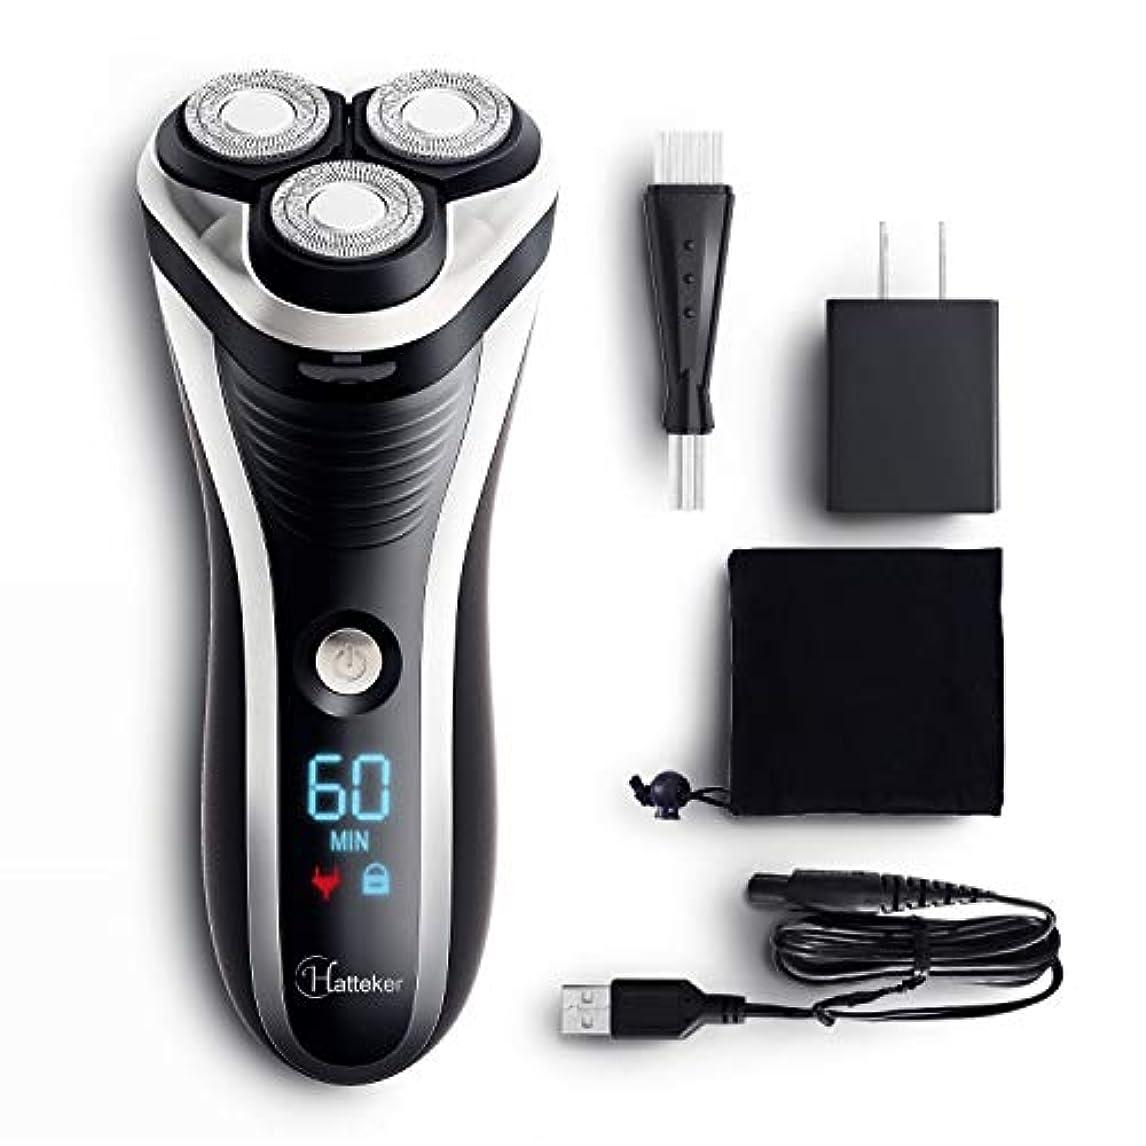 完璧な意図レッドデートHATTEKER 電気シェーバー 髭剃り メンズ シェイバー ひげそり 回転式 もみあげ 水洗いOK ウエット·ドライ剃り USB充電式· 交流式 LEDディスプレイ(一年間保証)